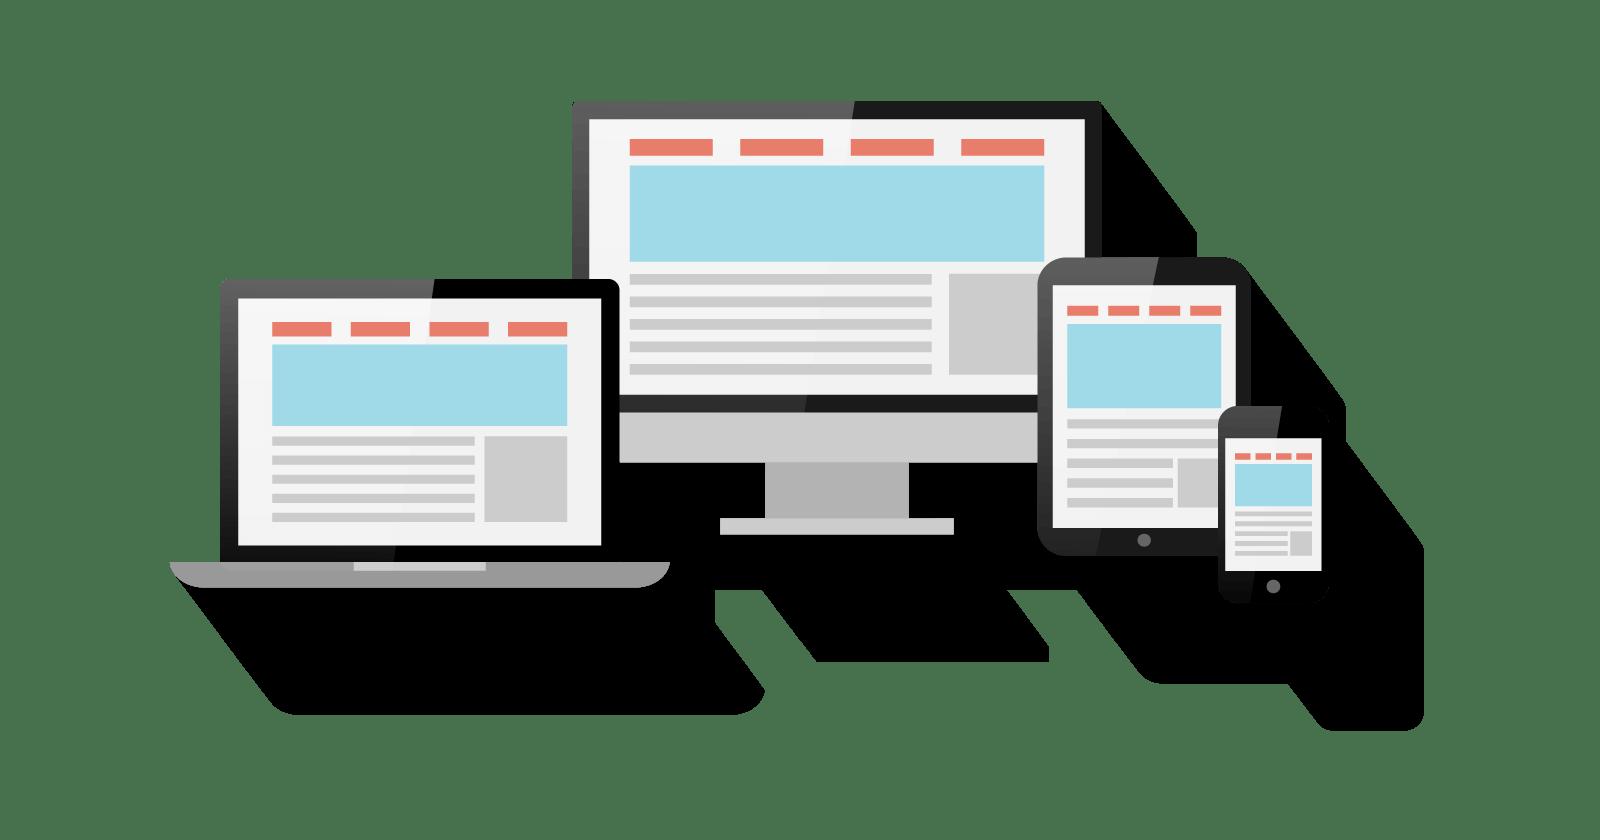 マルチデバイスに対応したウェブサイトの制作